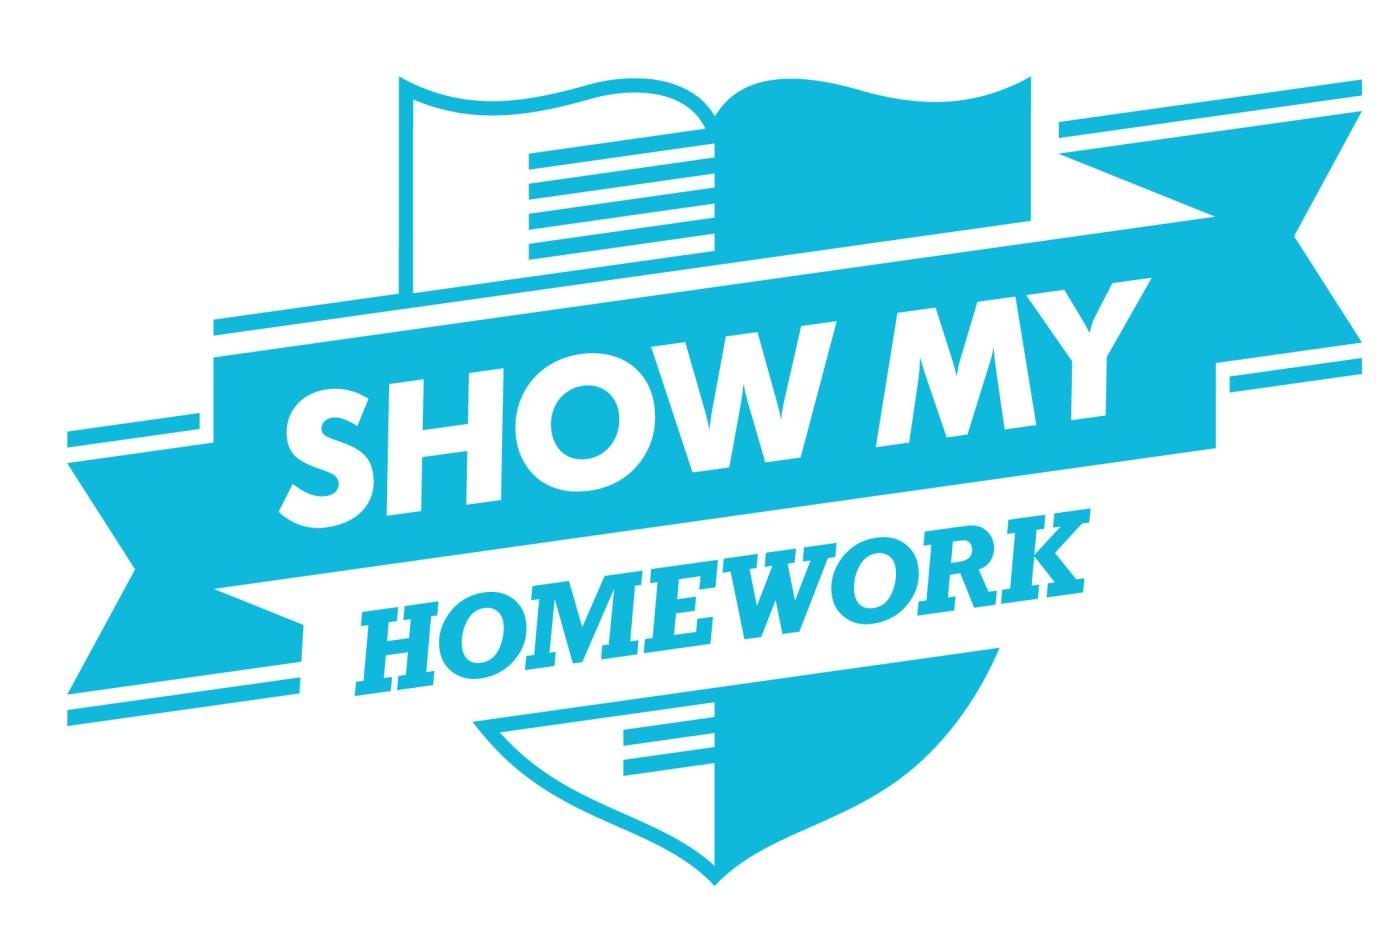 show-my-homework-calendar-logo-e1389877518698